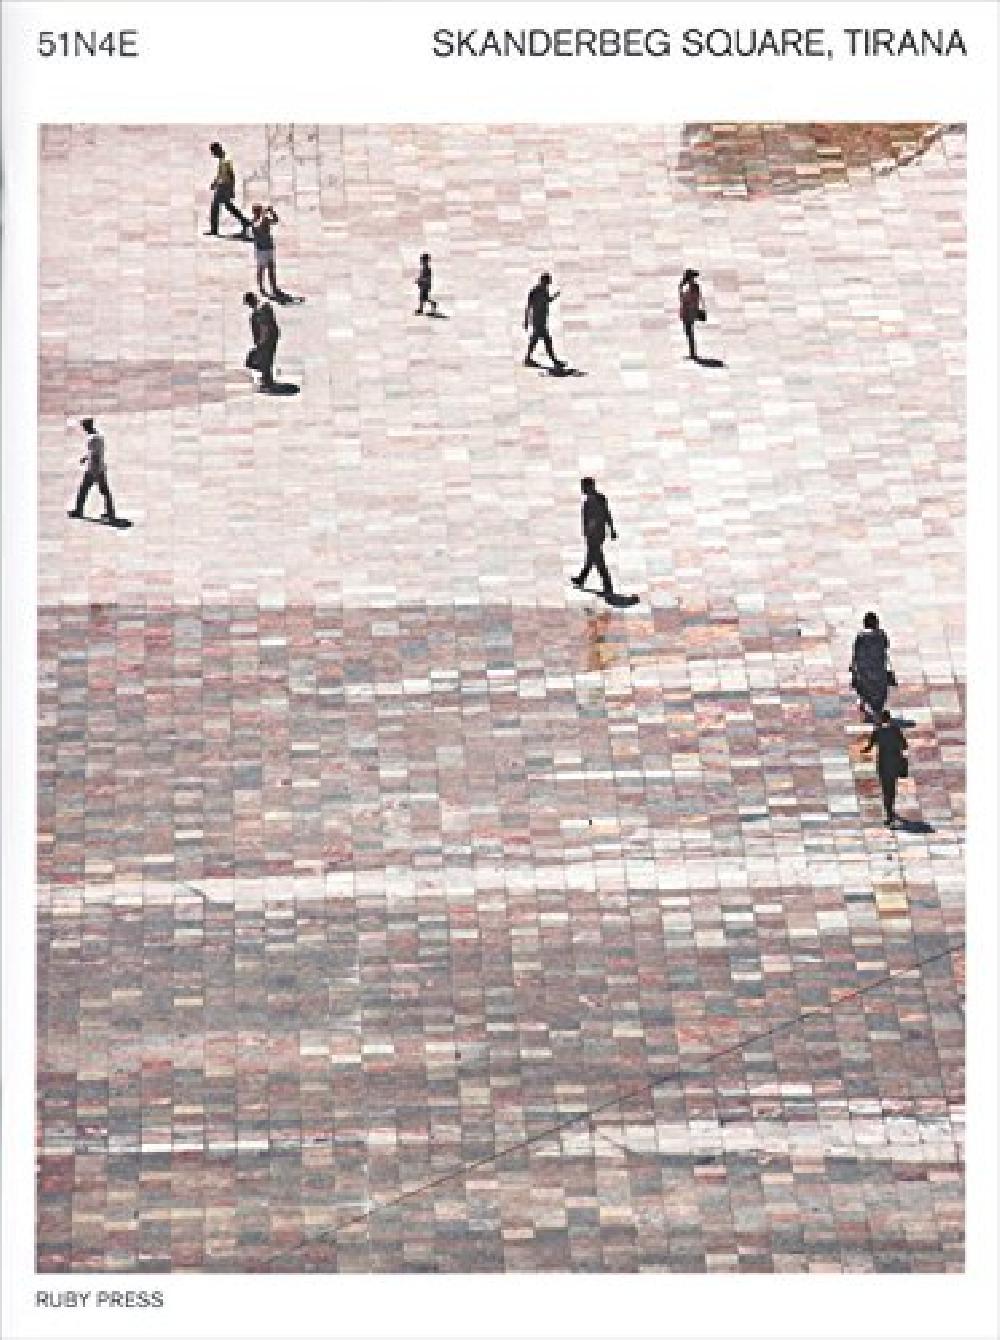 51n4e - Skanderberg Square, Tirana